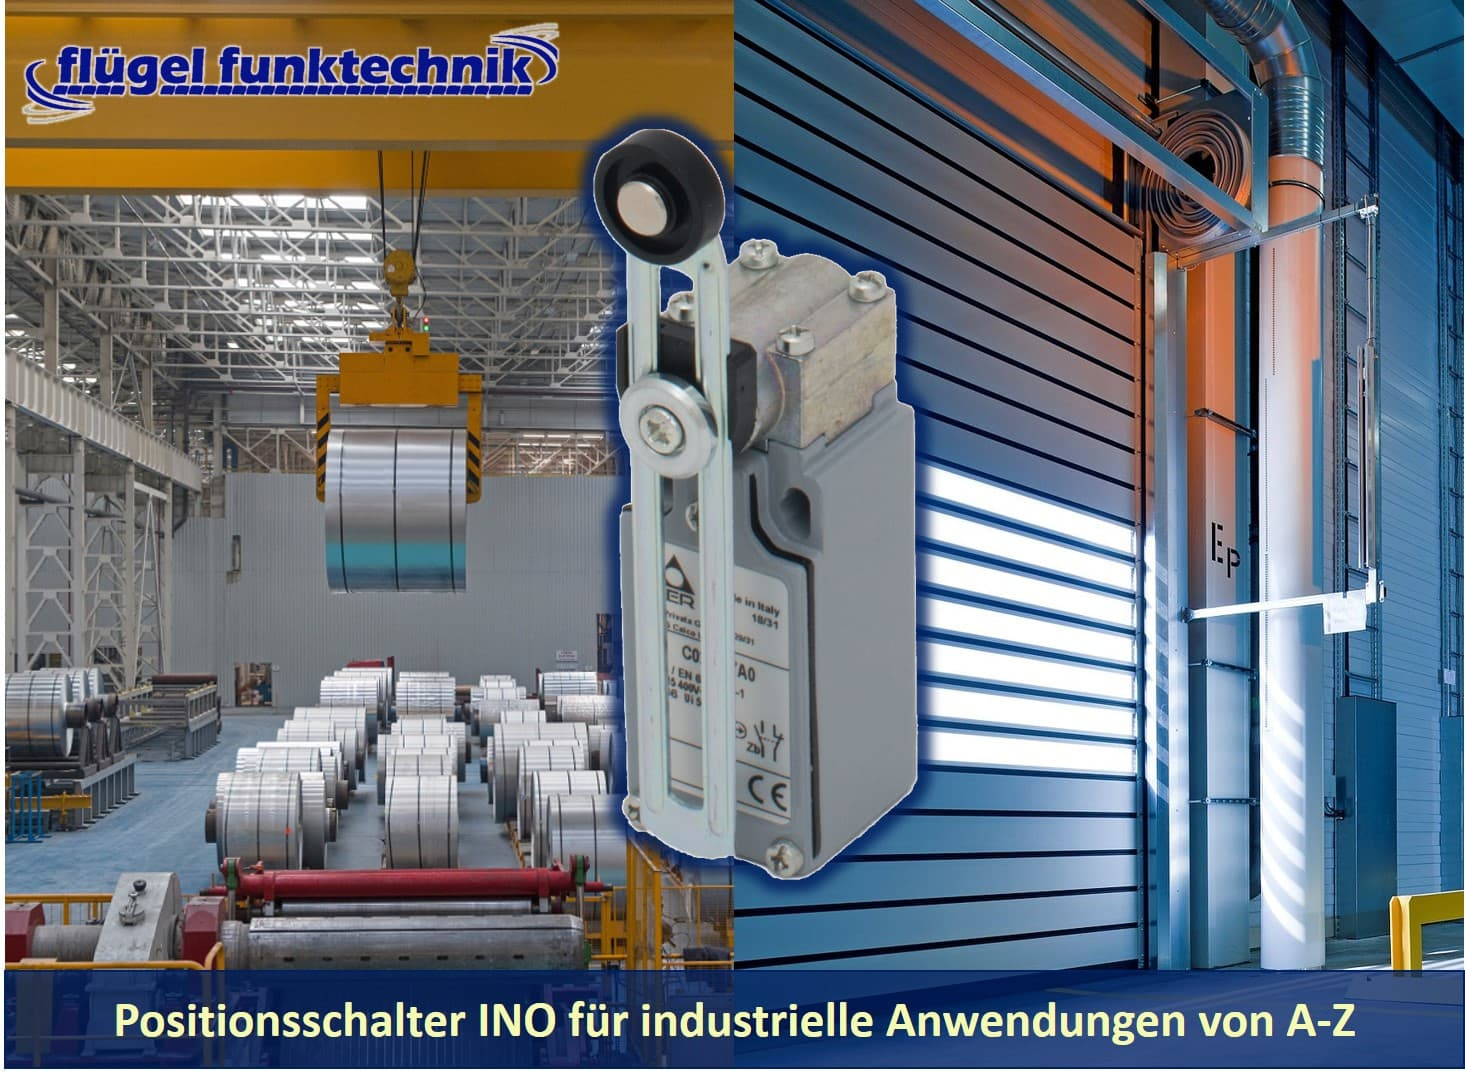 Rollenhebel Ino für eine Vielzahl von industriellen Anwendungen